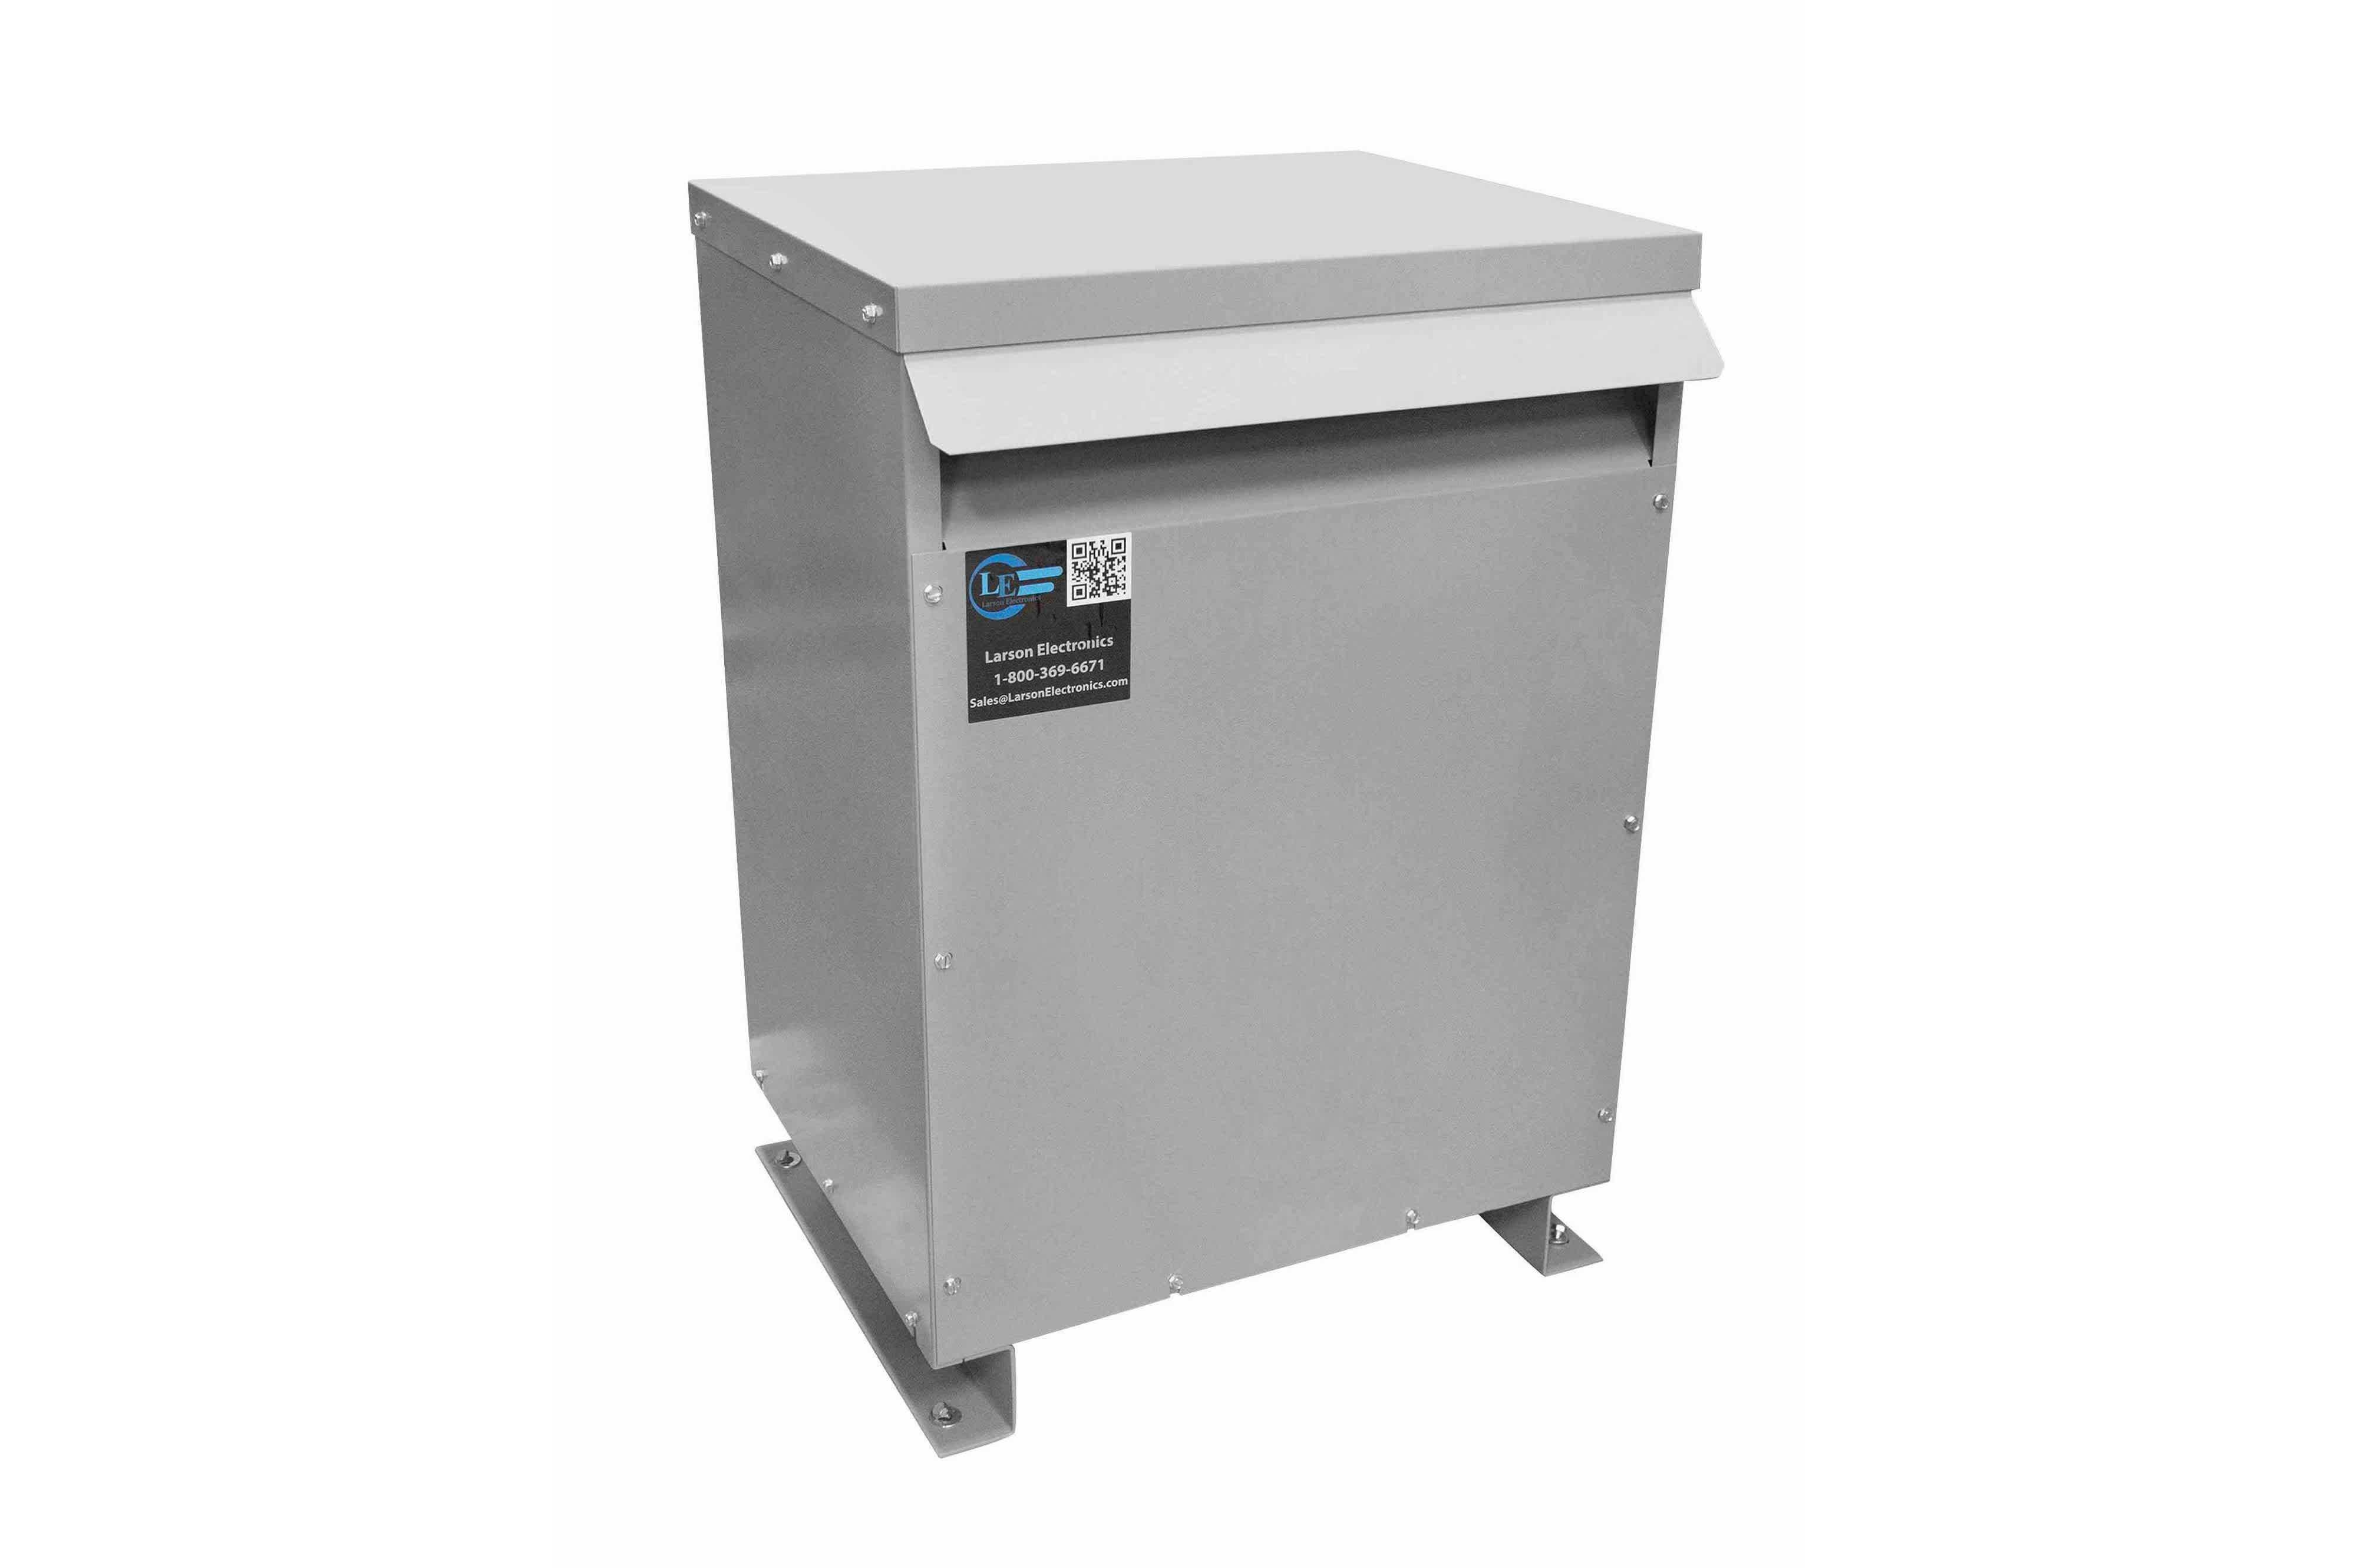 50 kVA 3PH Isolation Transformer, 480V Delta Primary, 400V Delta Secondary, N3R, Ventilated, 60 Hz